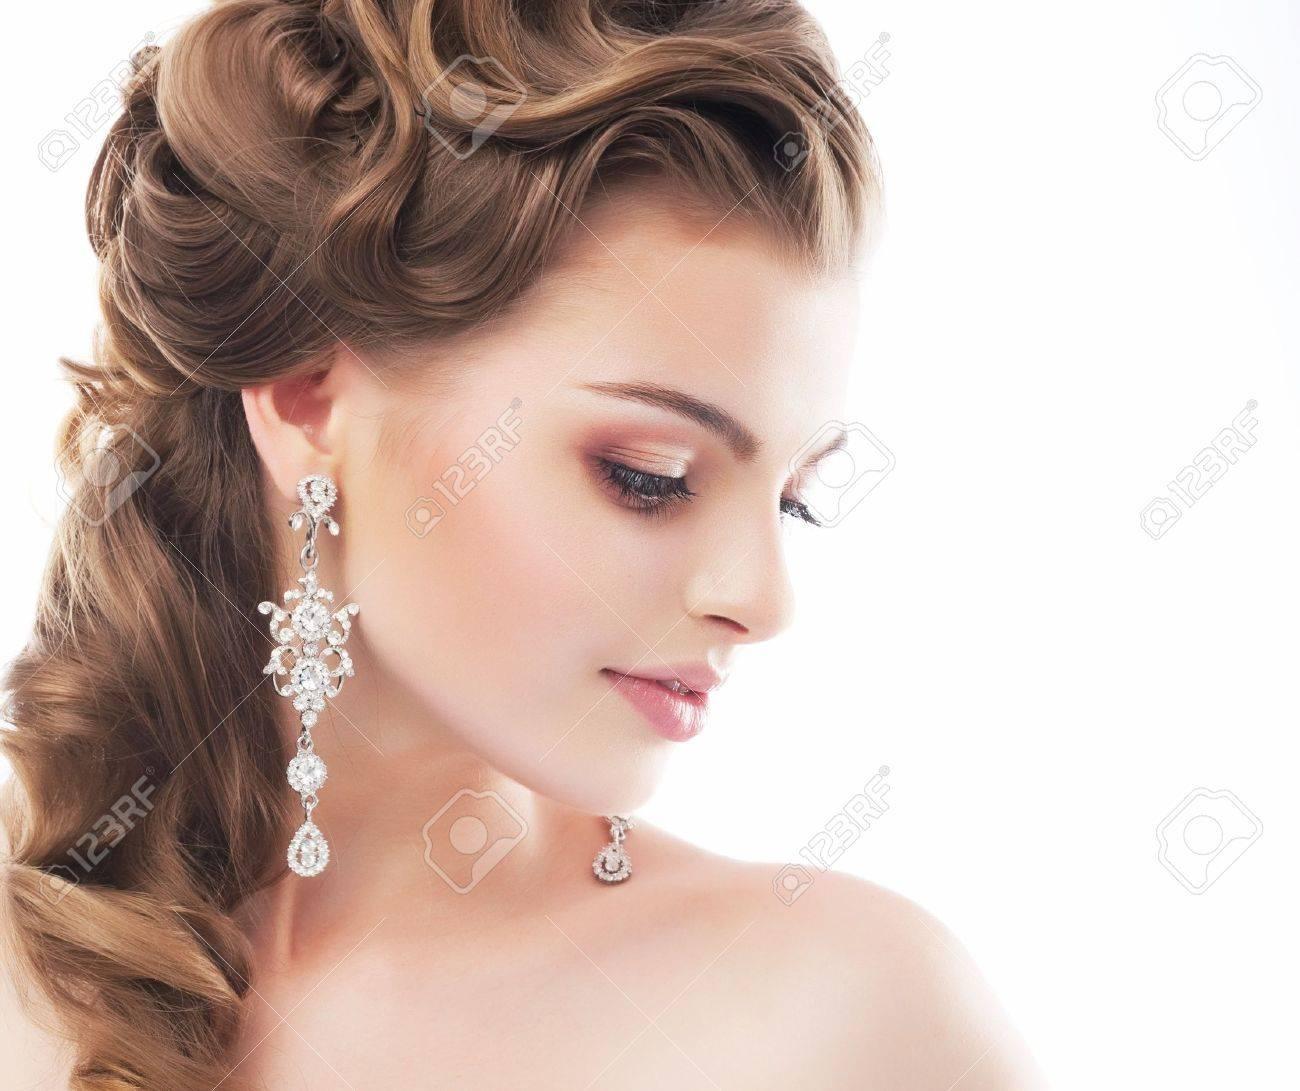 Portrait of beautiful female wedding model isolated on white background Stock Photo - 14130503